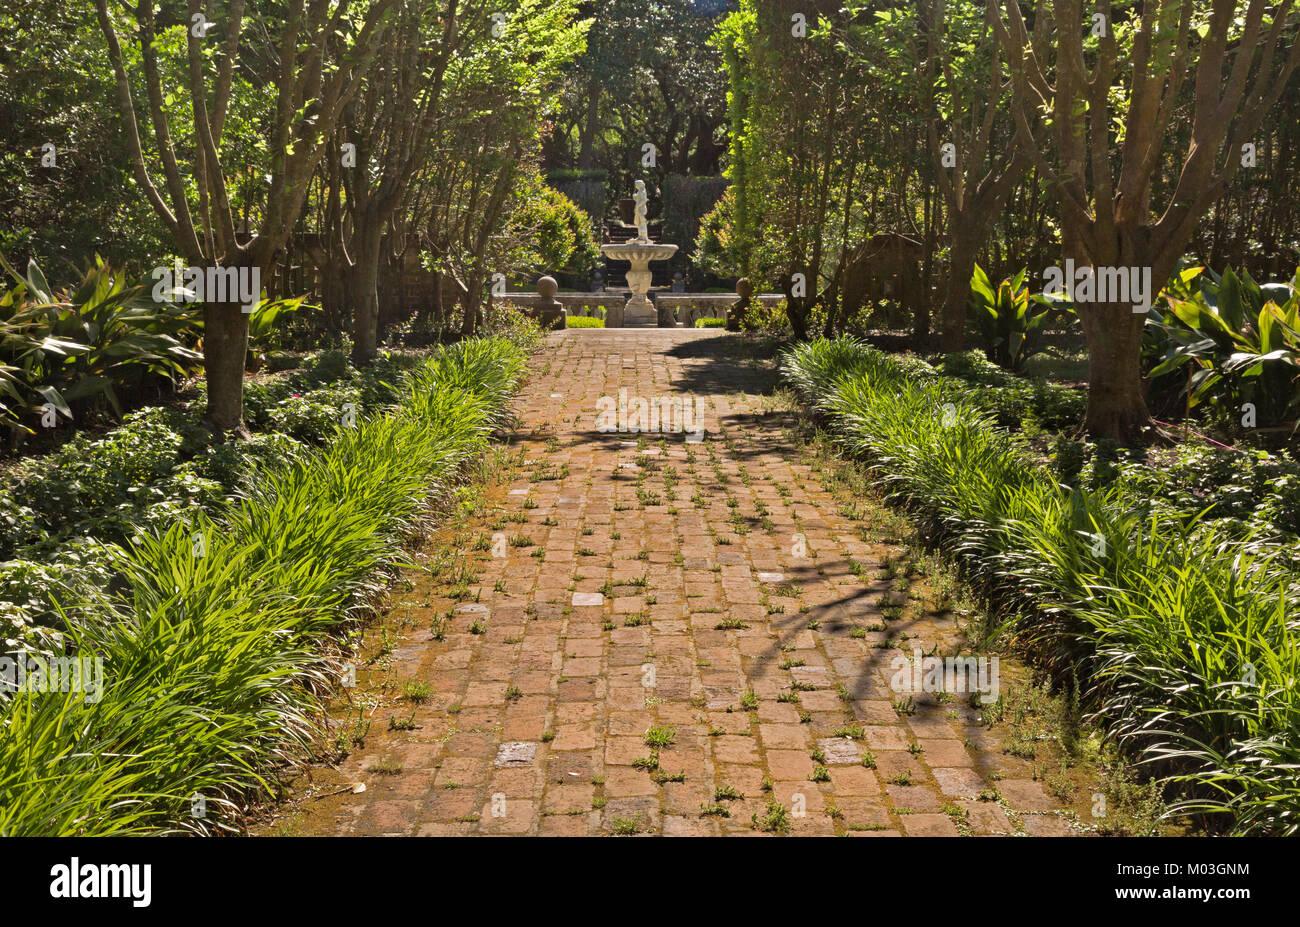 Sunken Walkway Stock Photos & Sunken Walkway Stock Images - Alamy